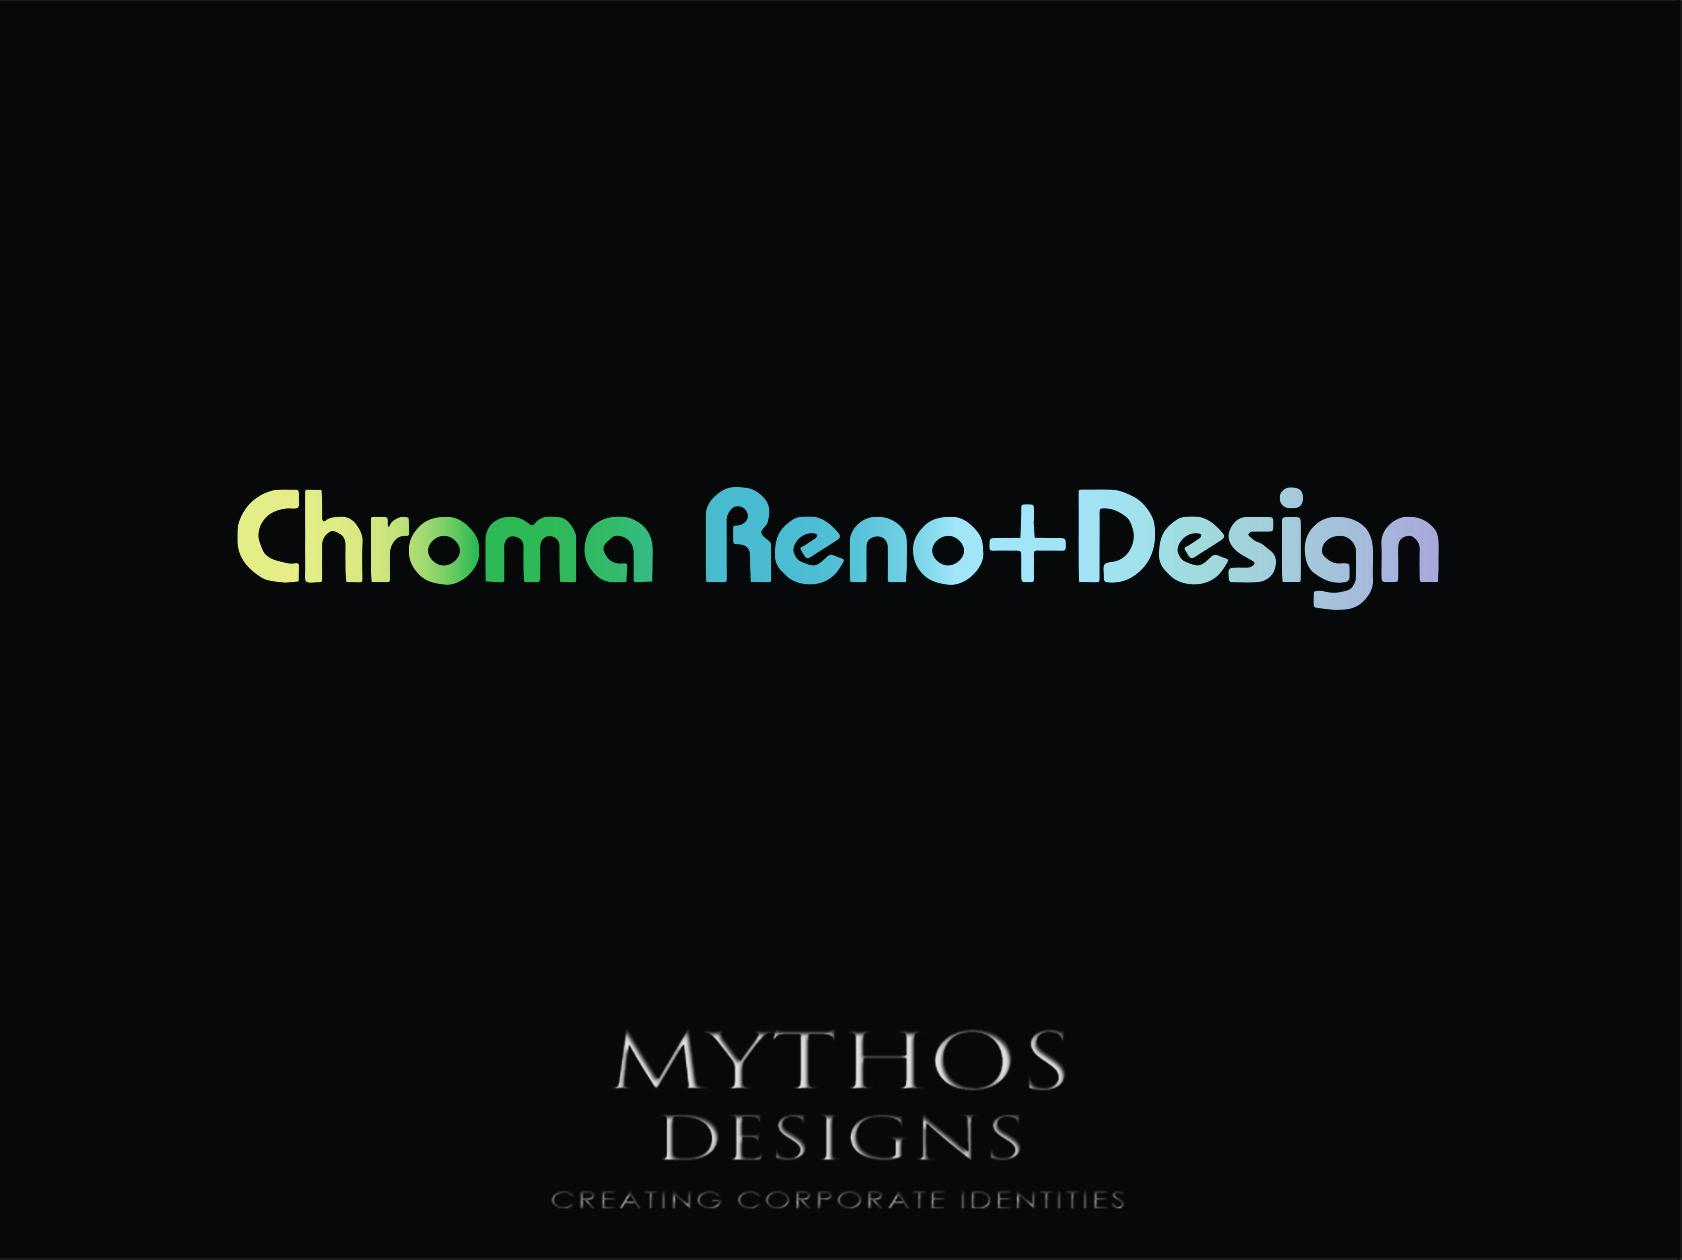 Logo Design by Mythos Designs - Entry No. 280 in the Logo Design Contest Inspiring Logo Design for Chroma Reno+Design.